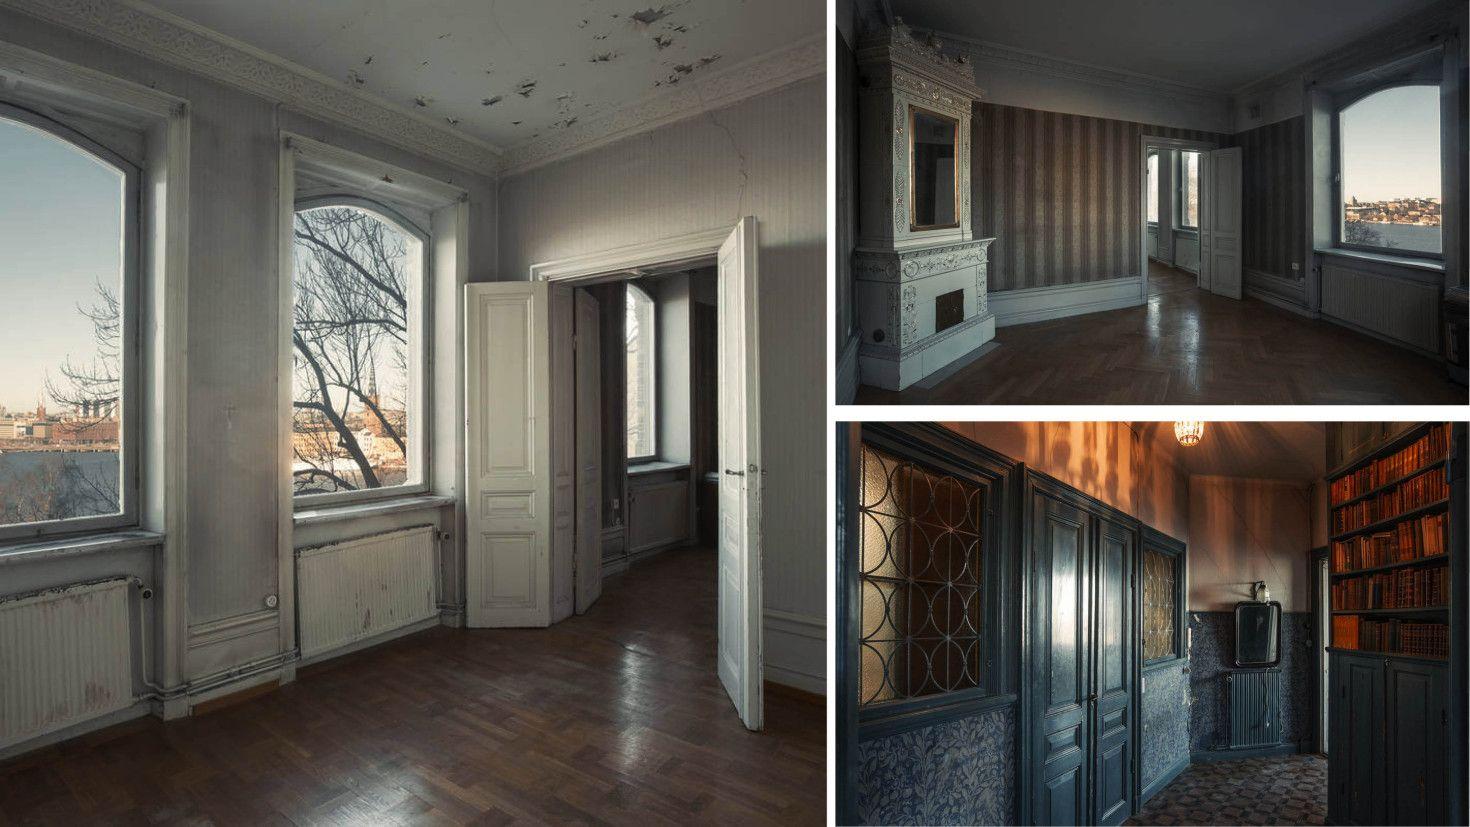 Vilken renoveringschans – här har tiden stått stilla! - My home